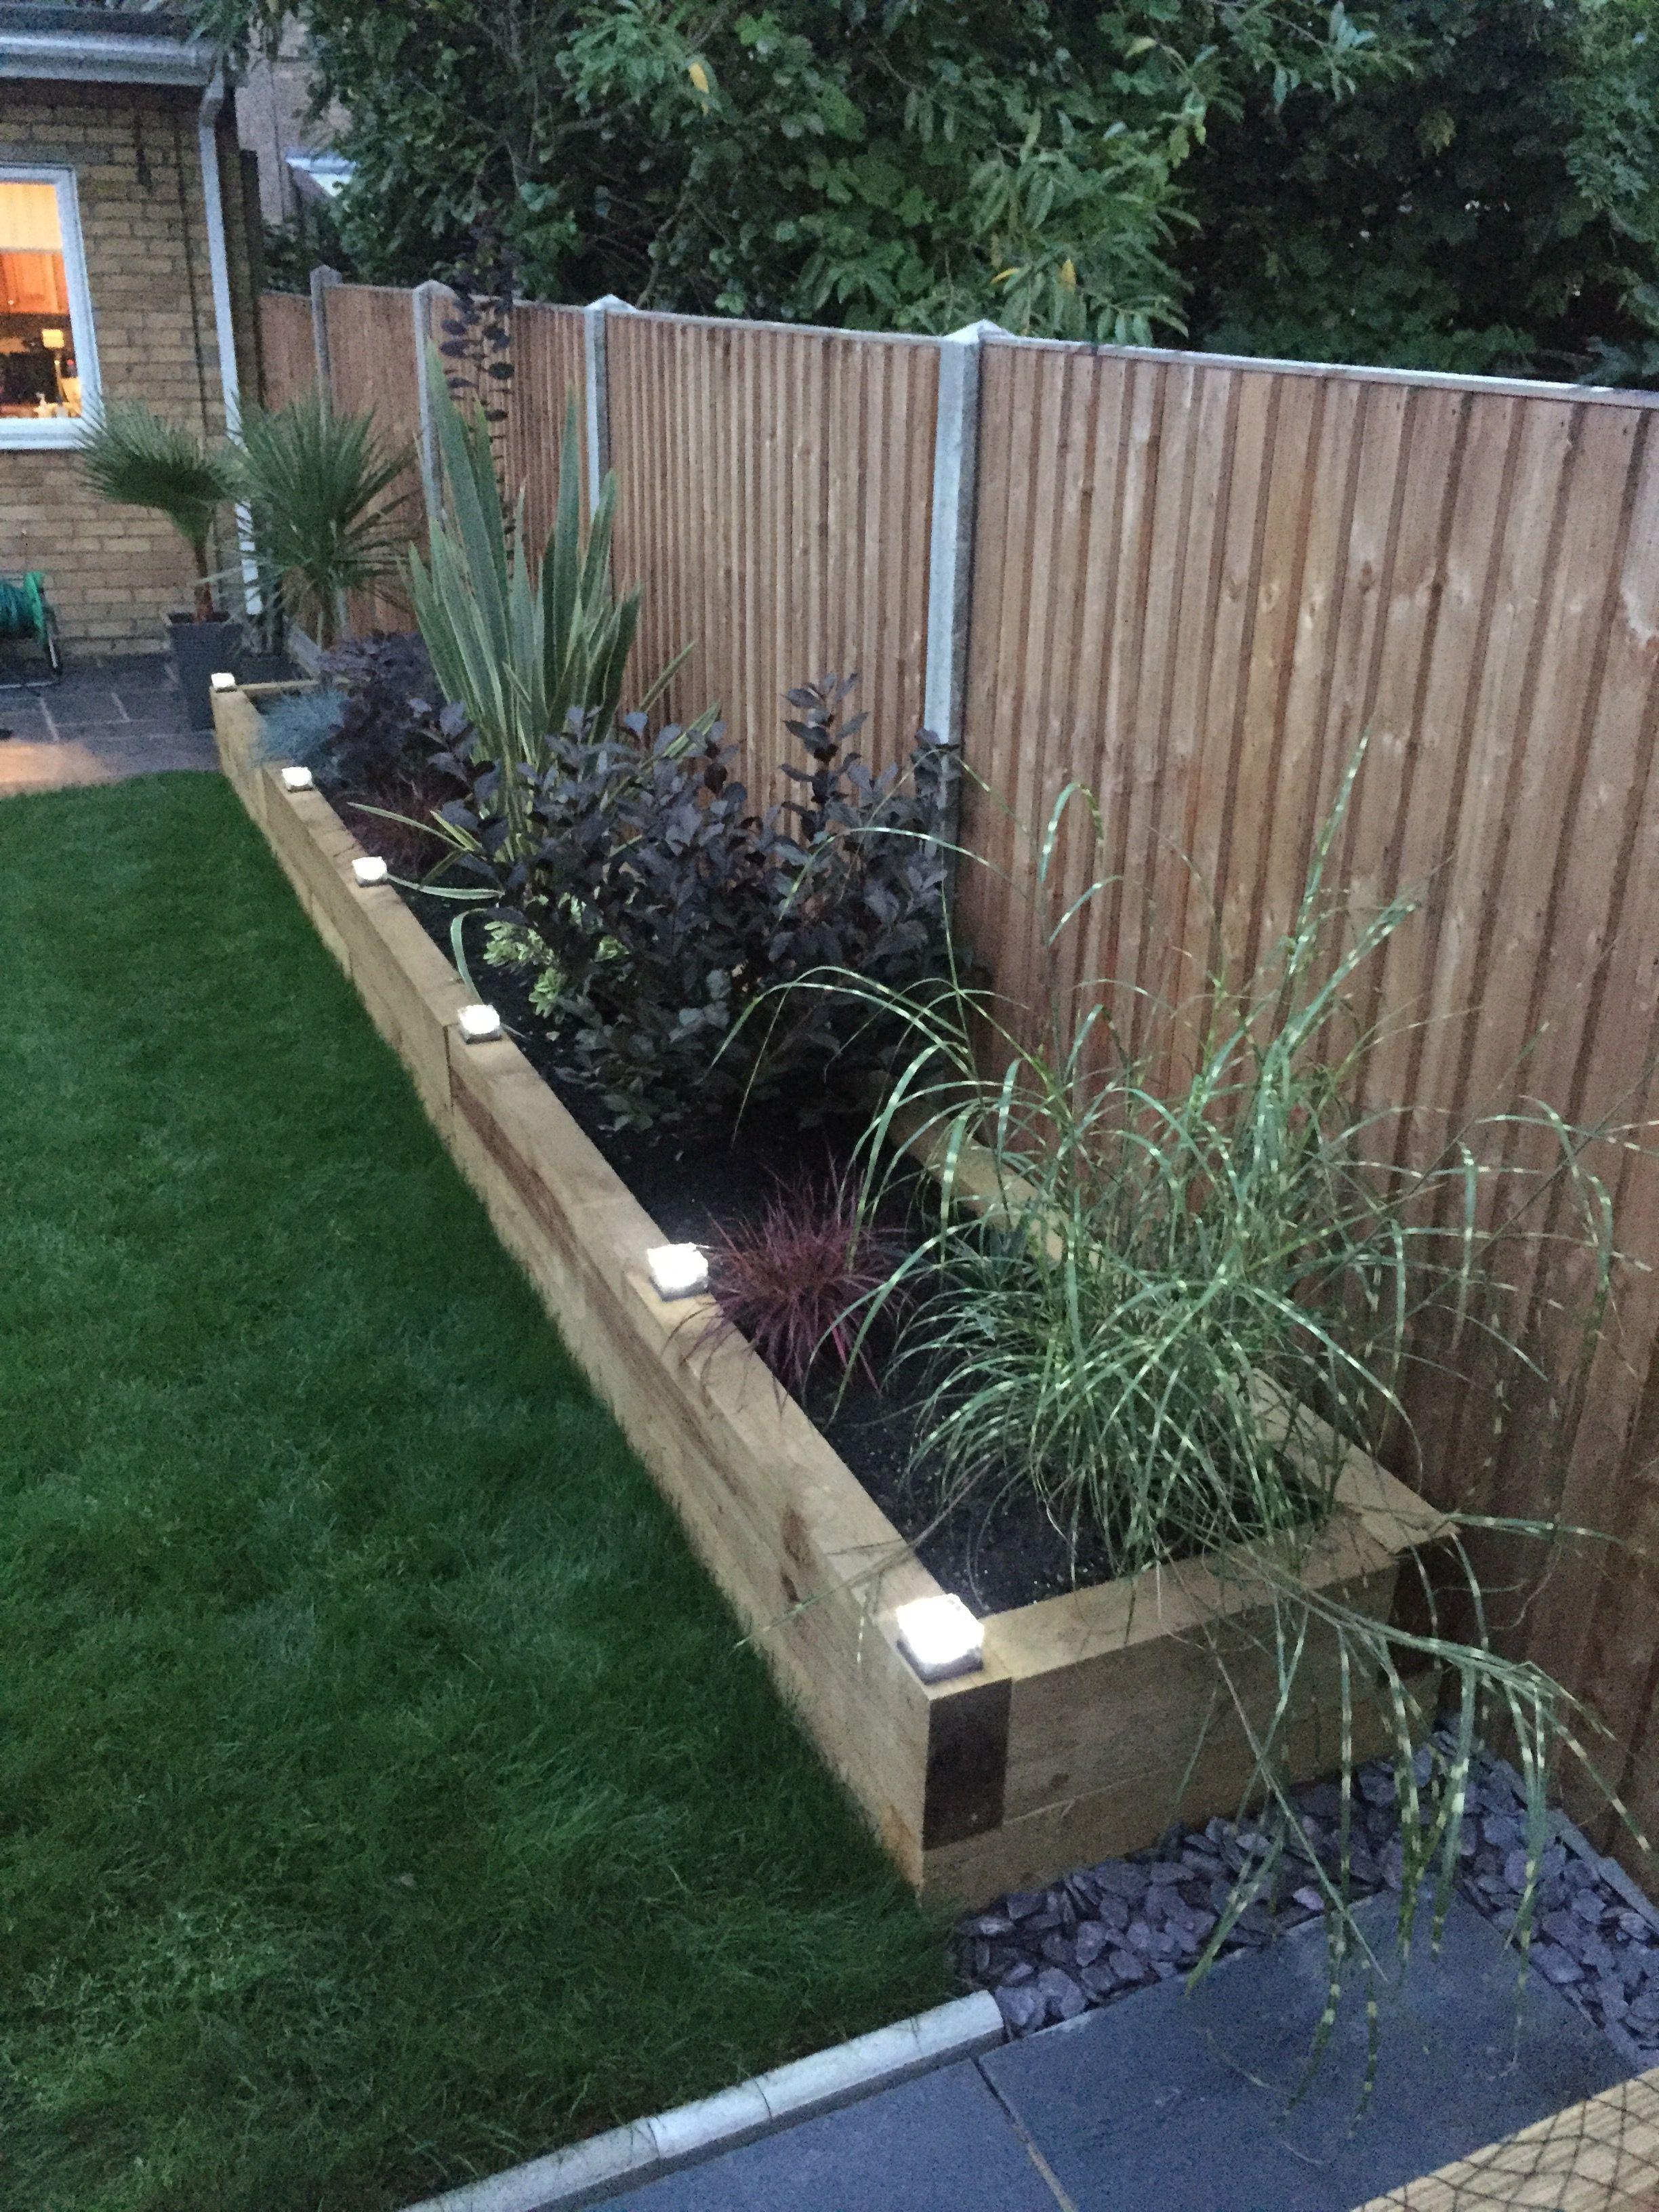 40 Best Diy Design Ideas For A Vegetable Garden Home Garden Small Garden Design Backyard Landscaping Backyard Vegetable Gardens